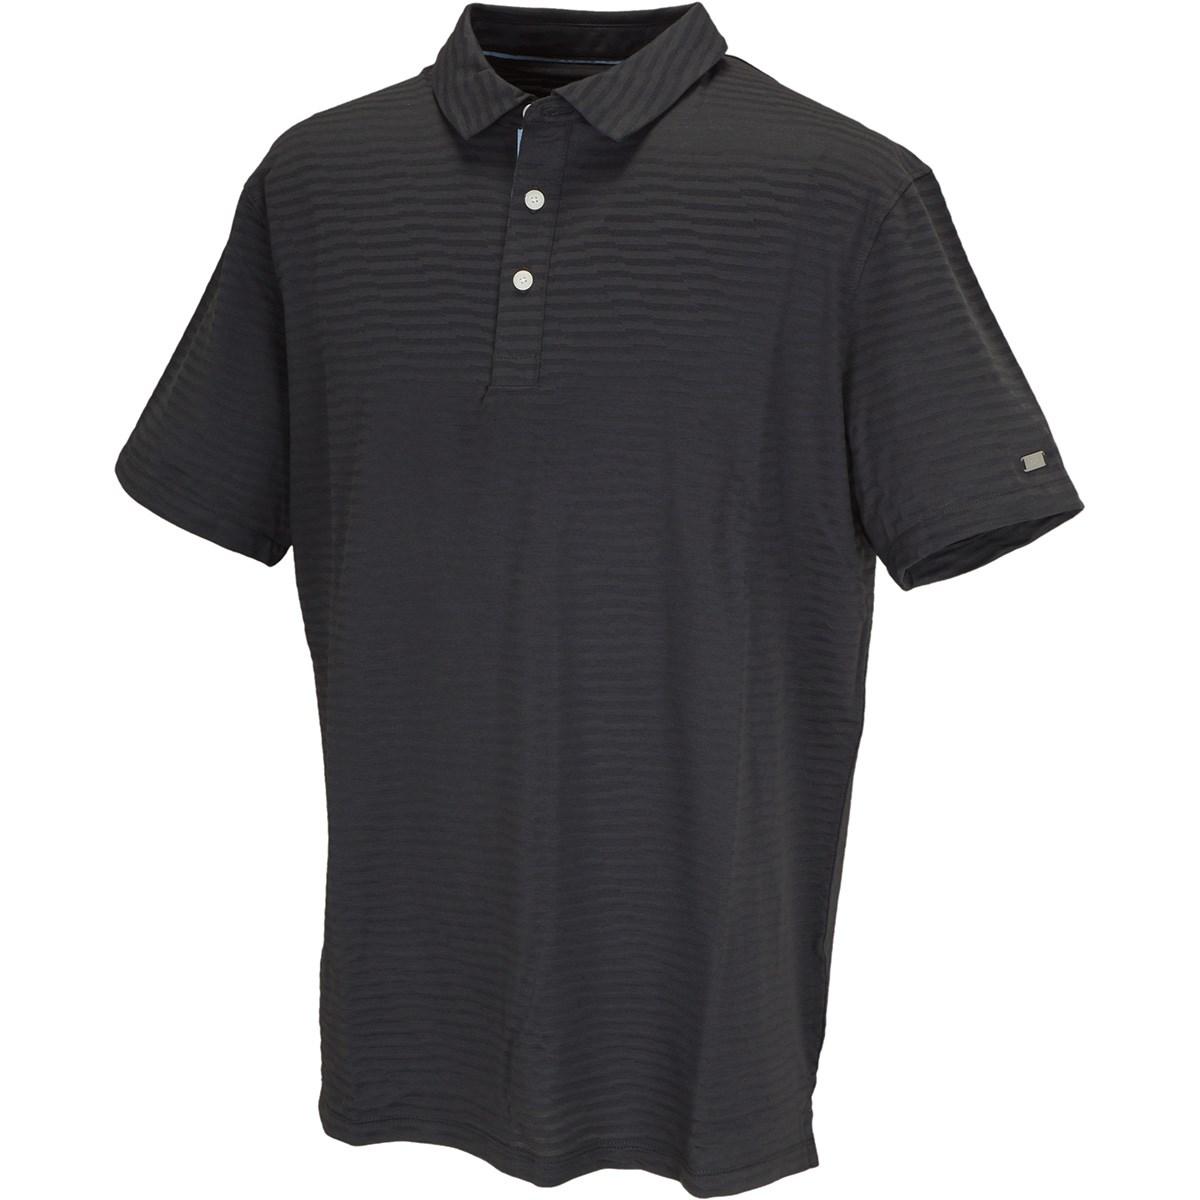 ナイキ(NIKE) DRI-FIT プレイヤー ジャカード 半袖ポロシャツ